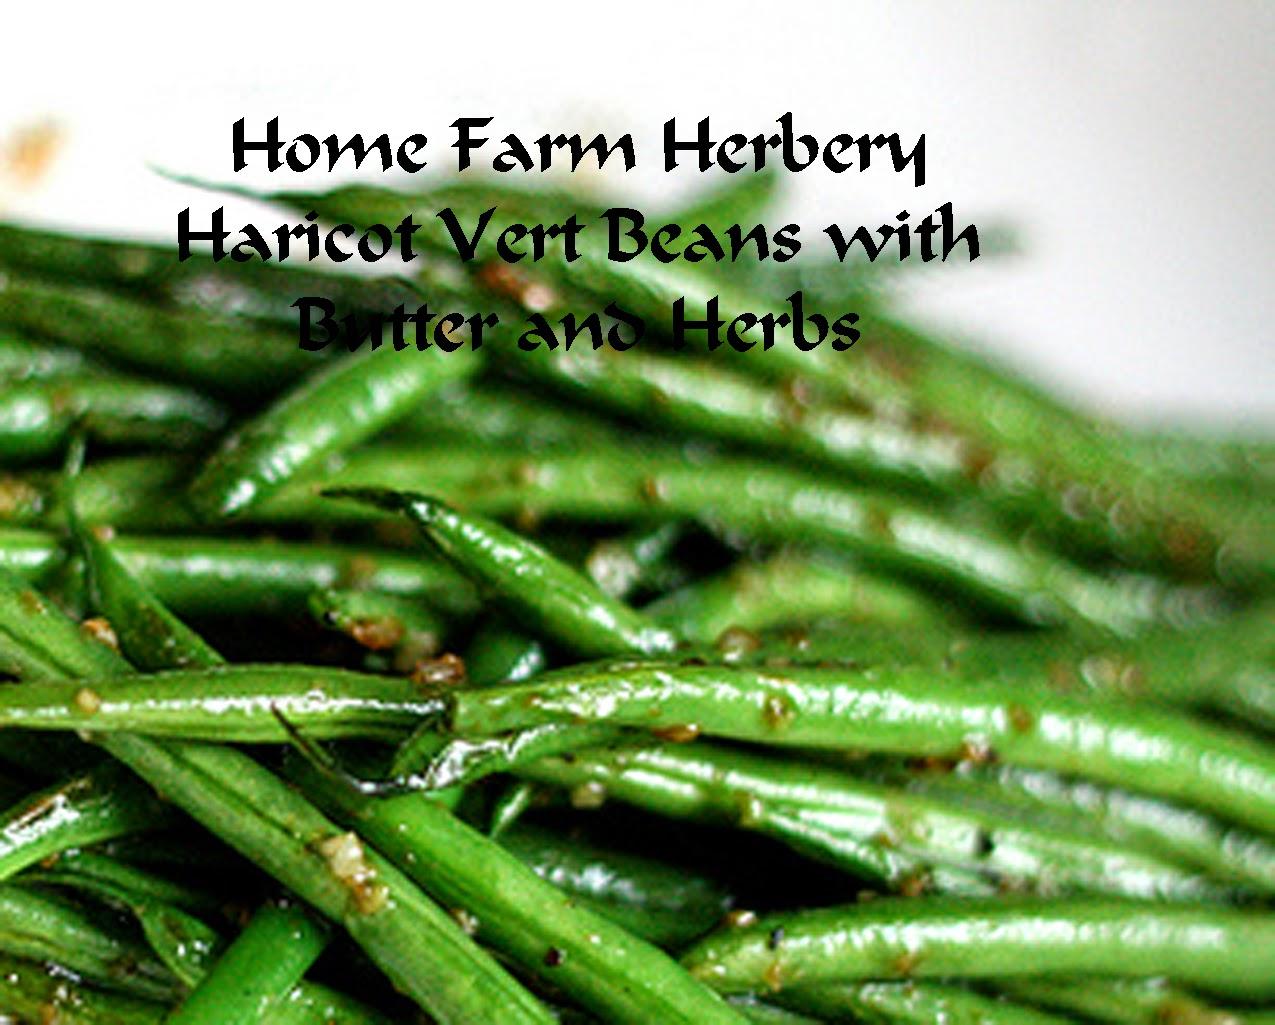 Haricot Vert Beans Haricot Vert Beans With Butter